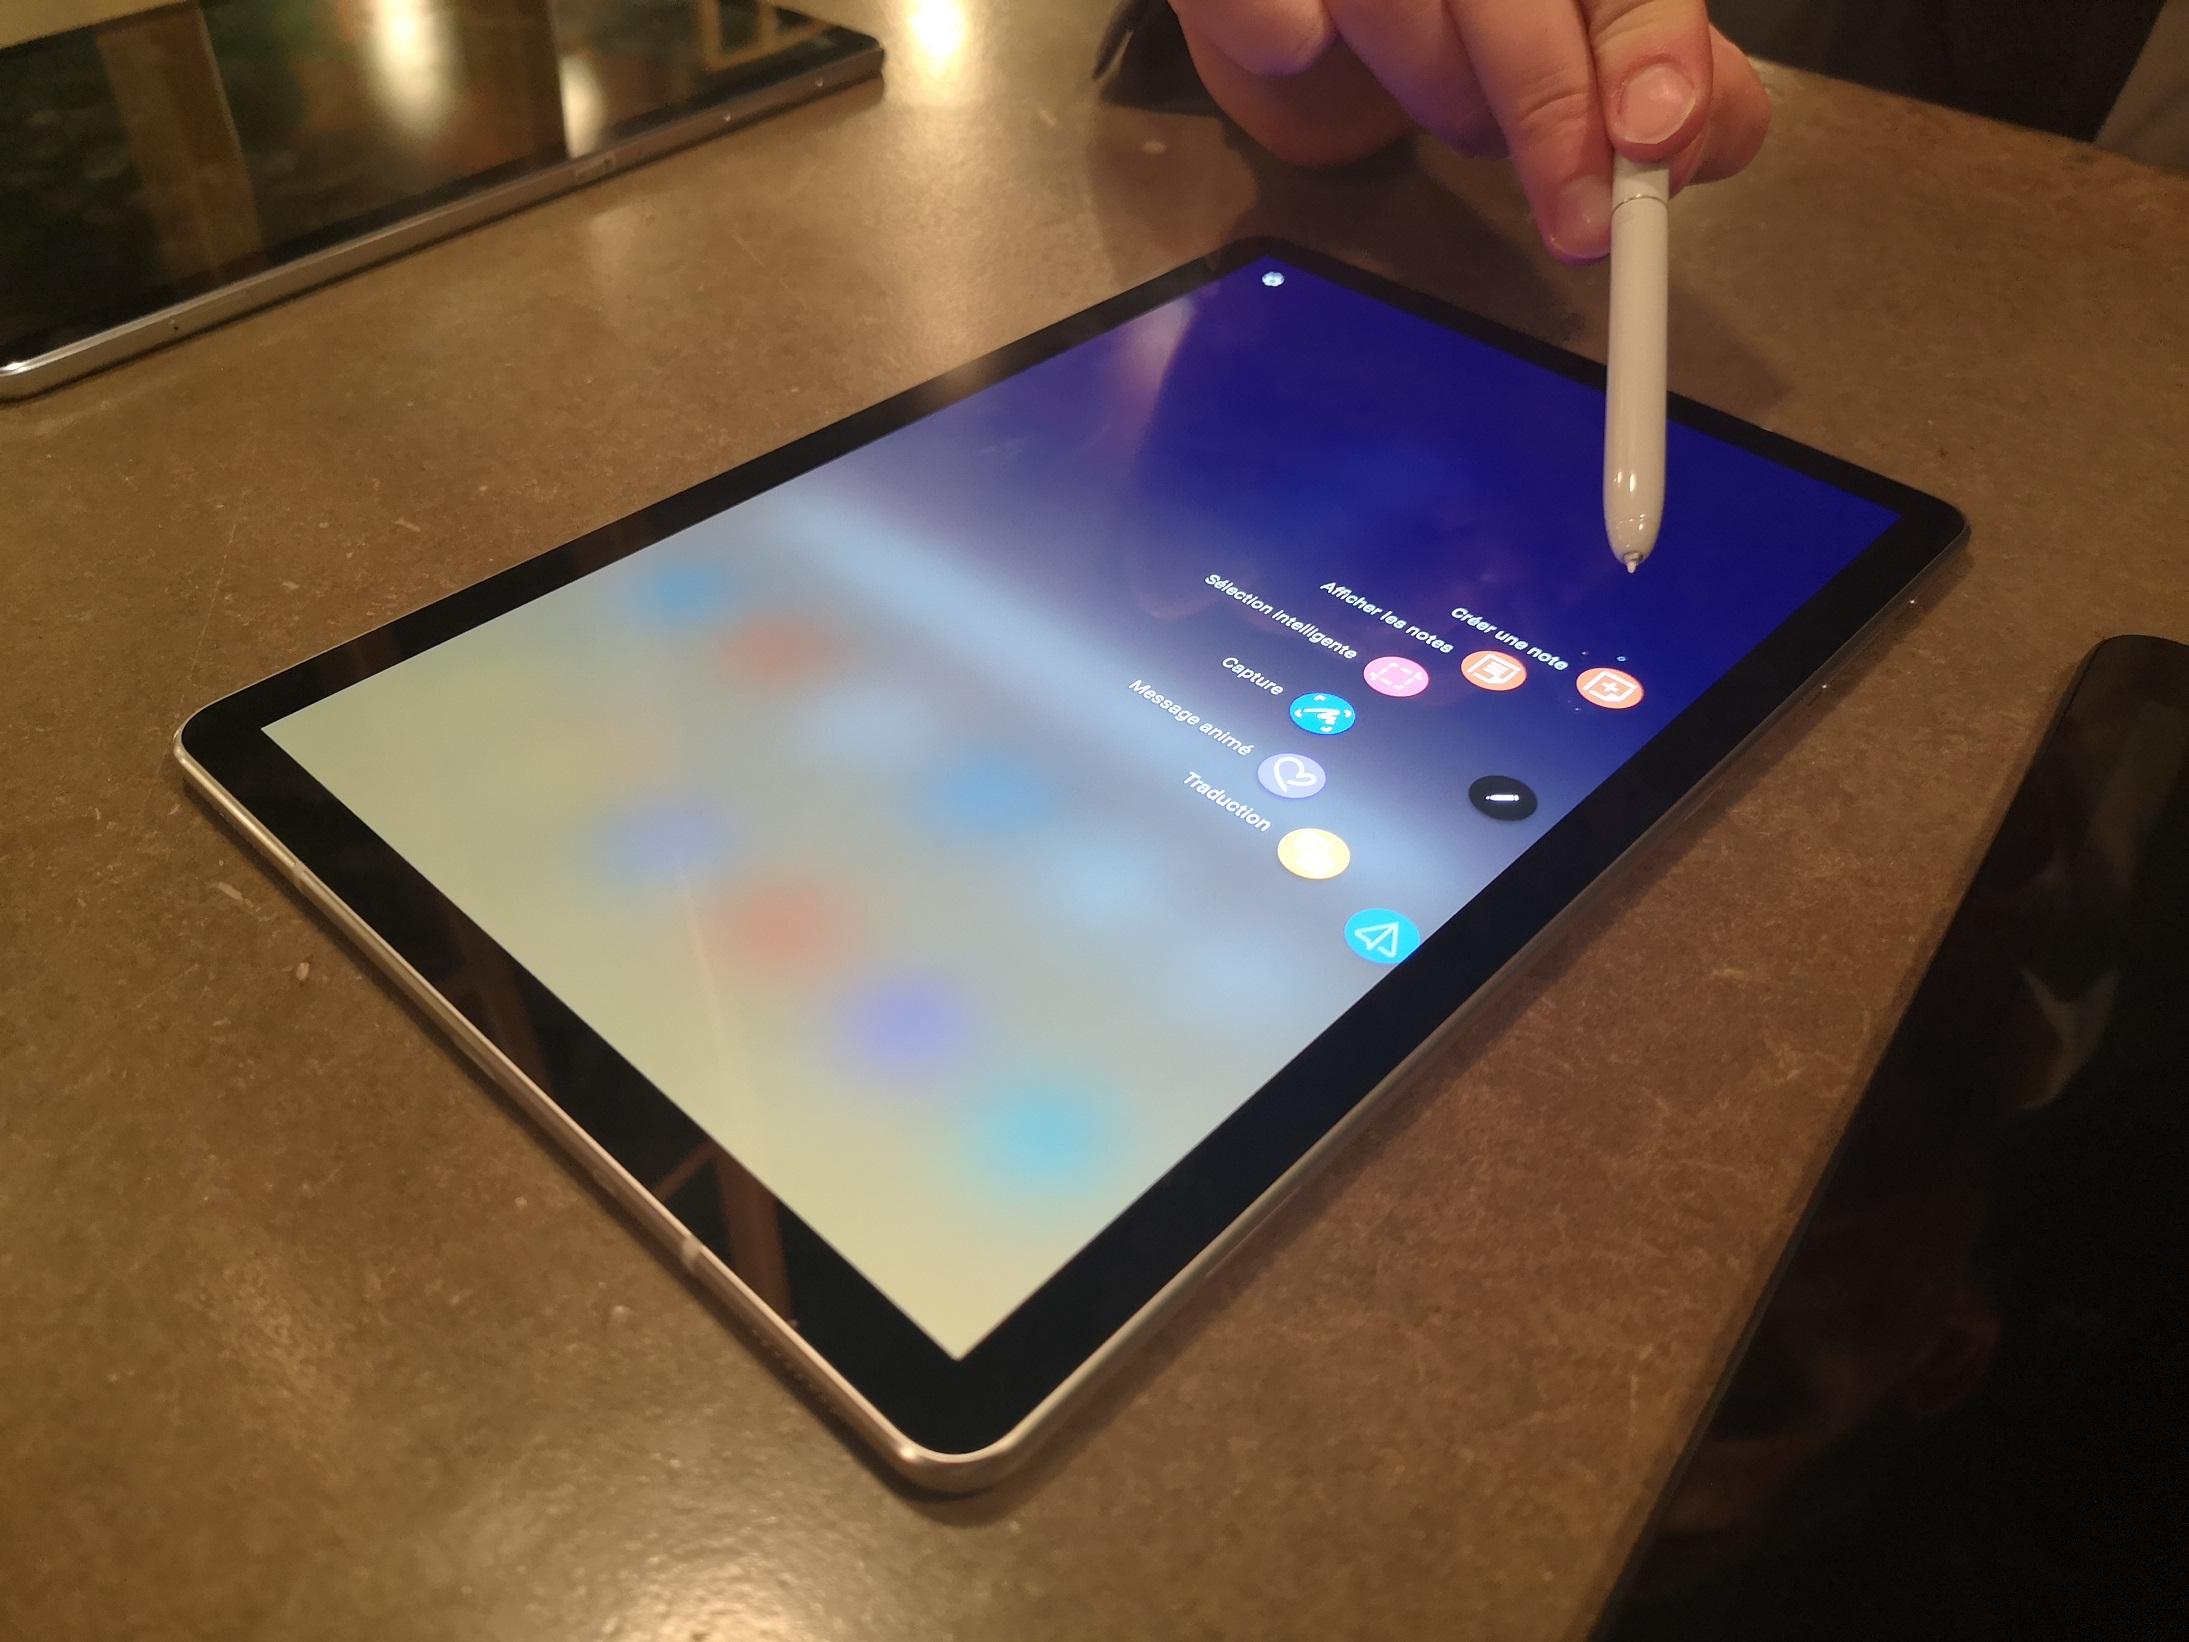 [ Prise en main ] Samsung Galaxy Tab S4 : une nouvelle génération bien pensée